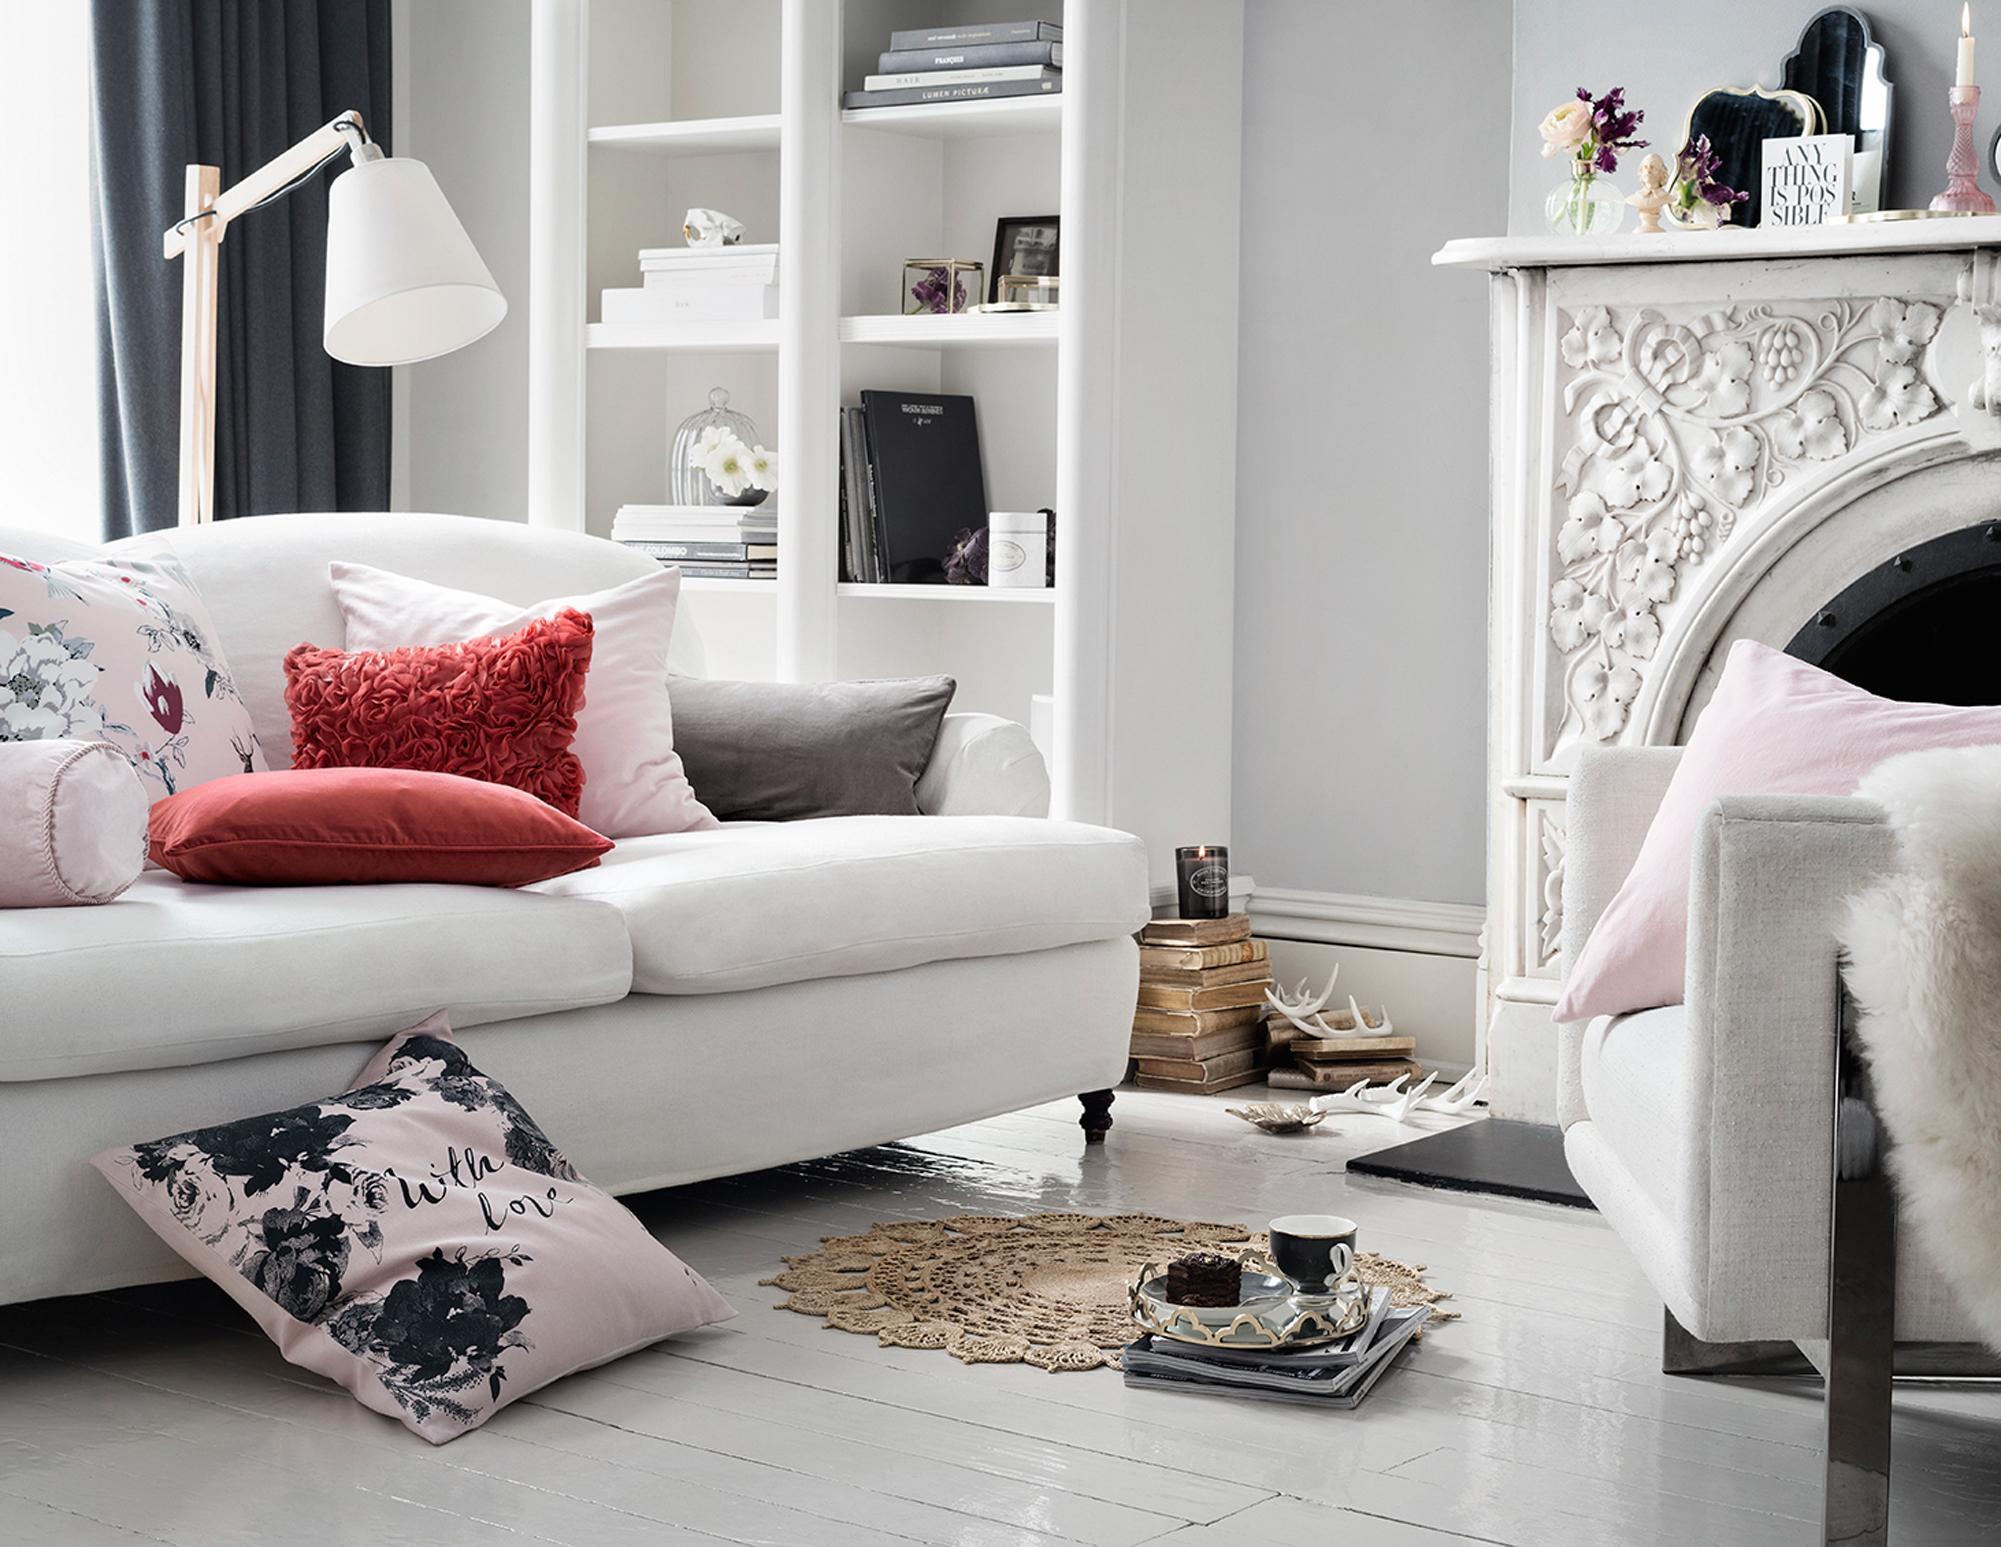 Klassische Wohnideen für dein Zuhause findest du bei COUCH!